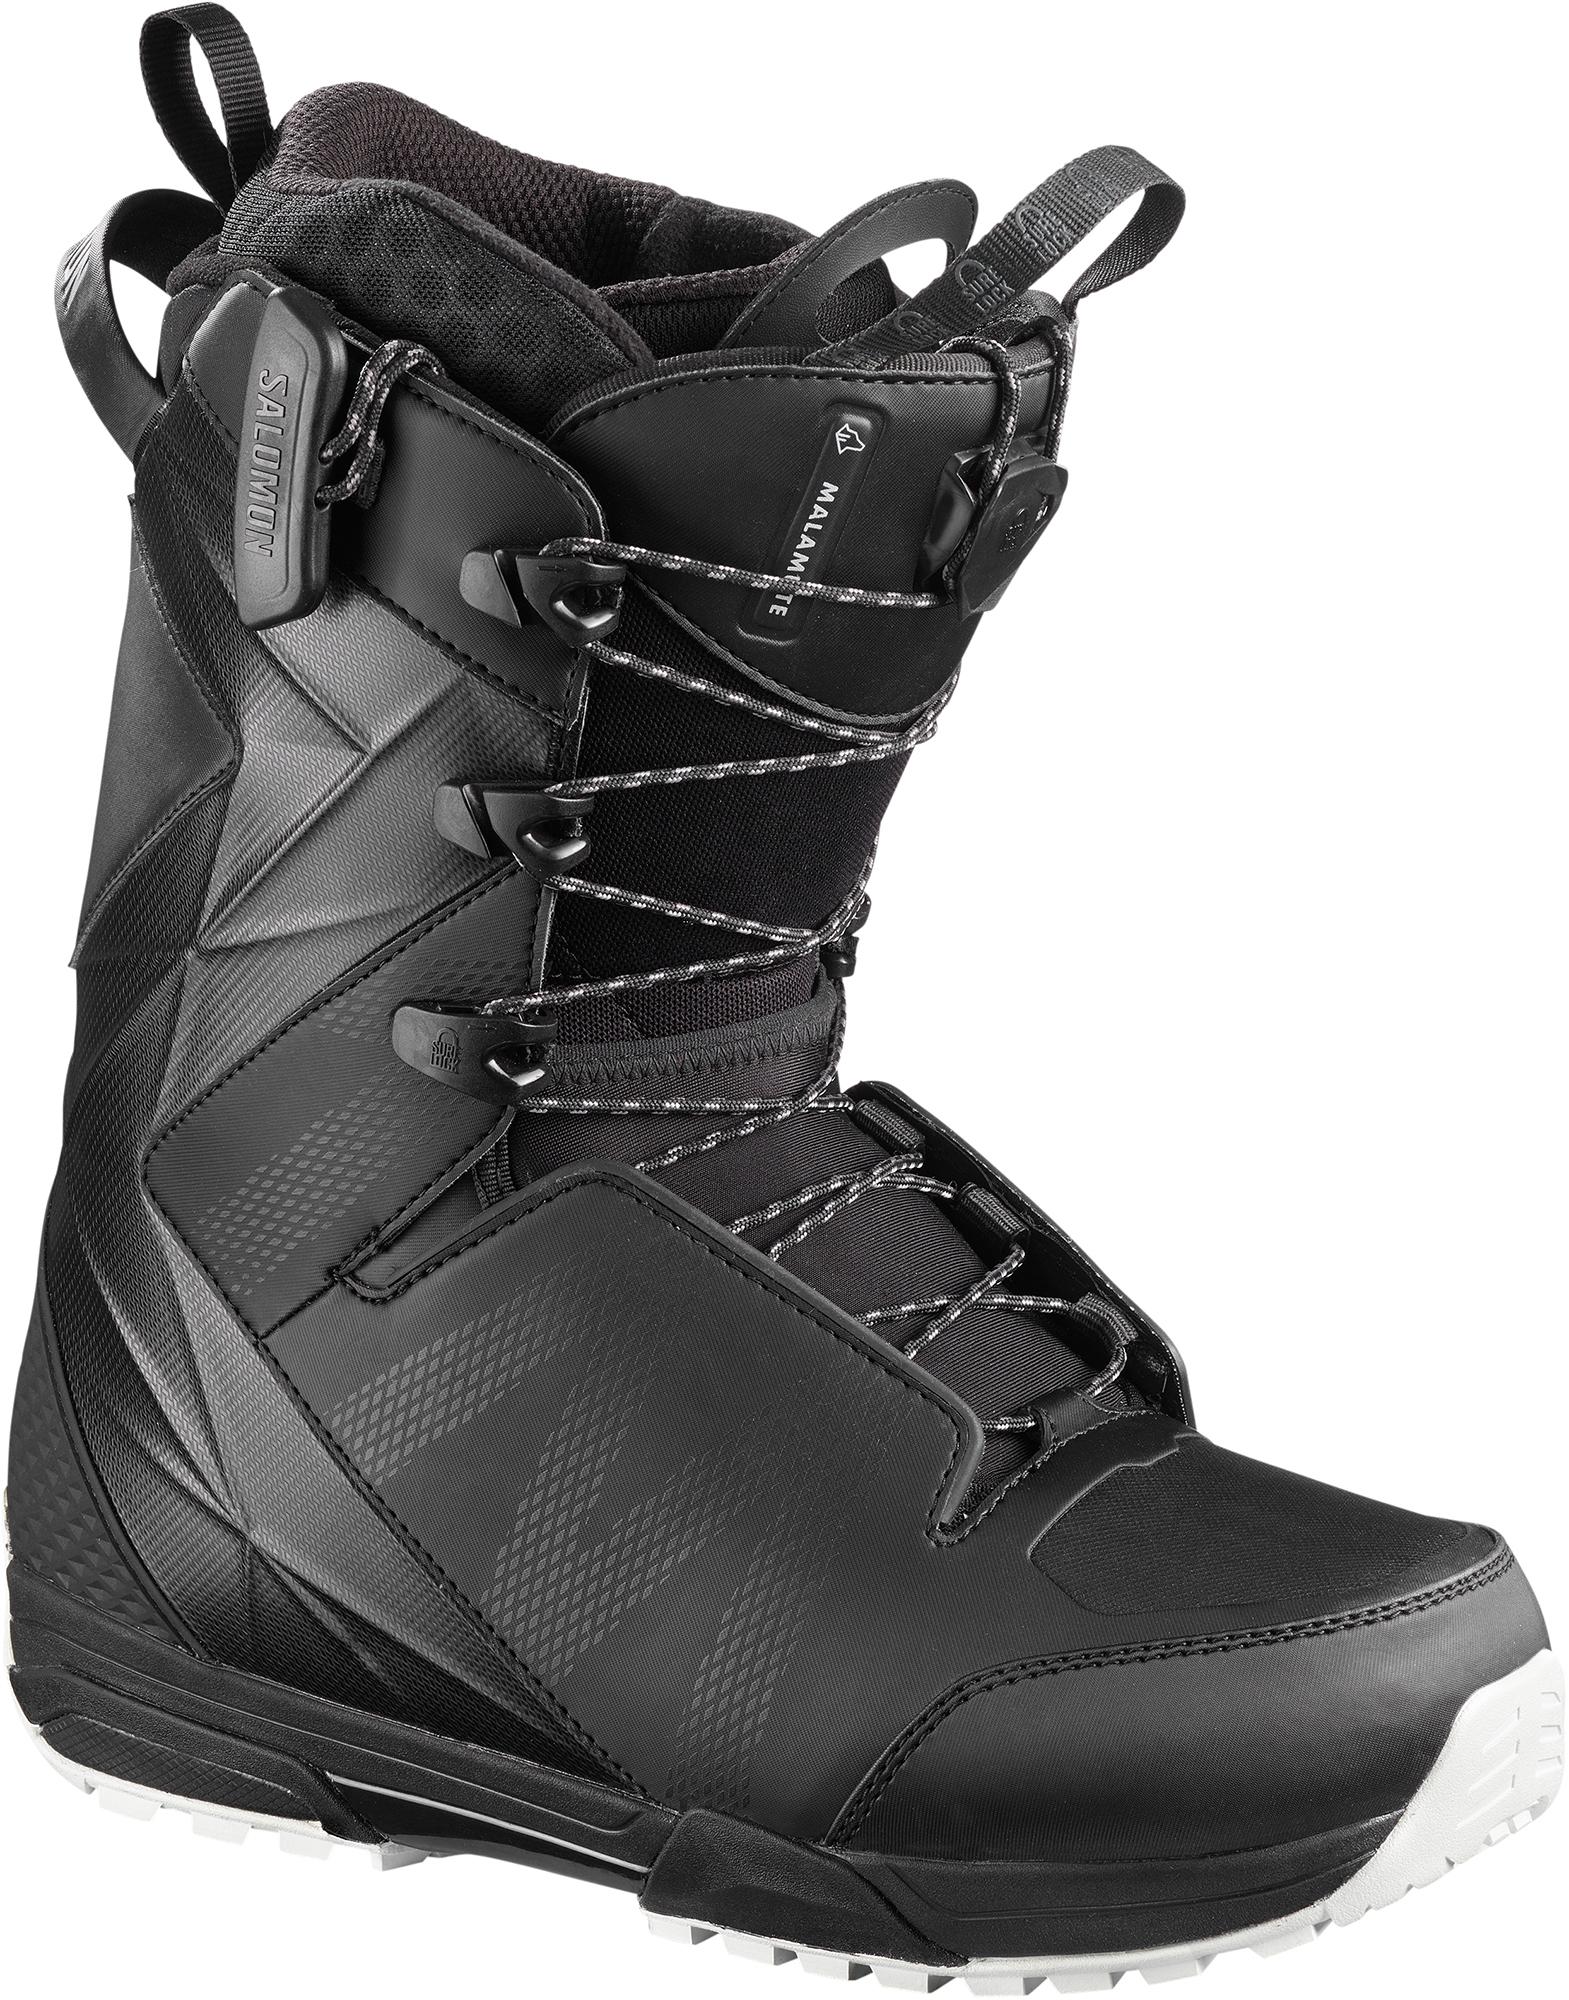 все цены на Salomon Сноубордические ботинки Salomon Malamute, размер 43,5